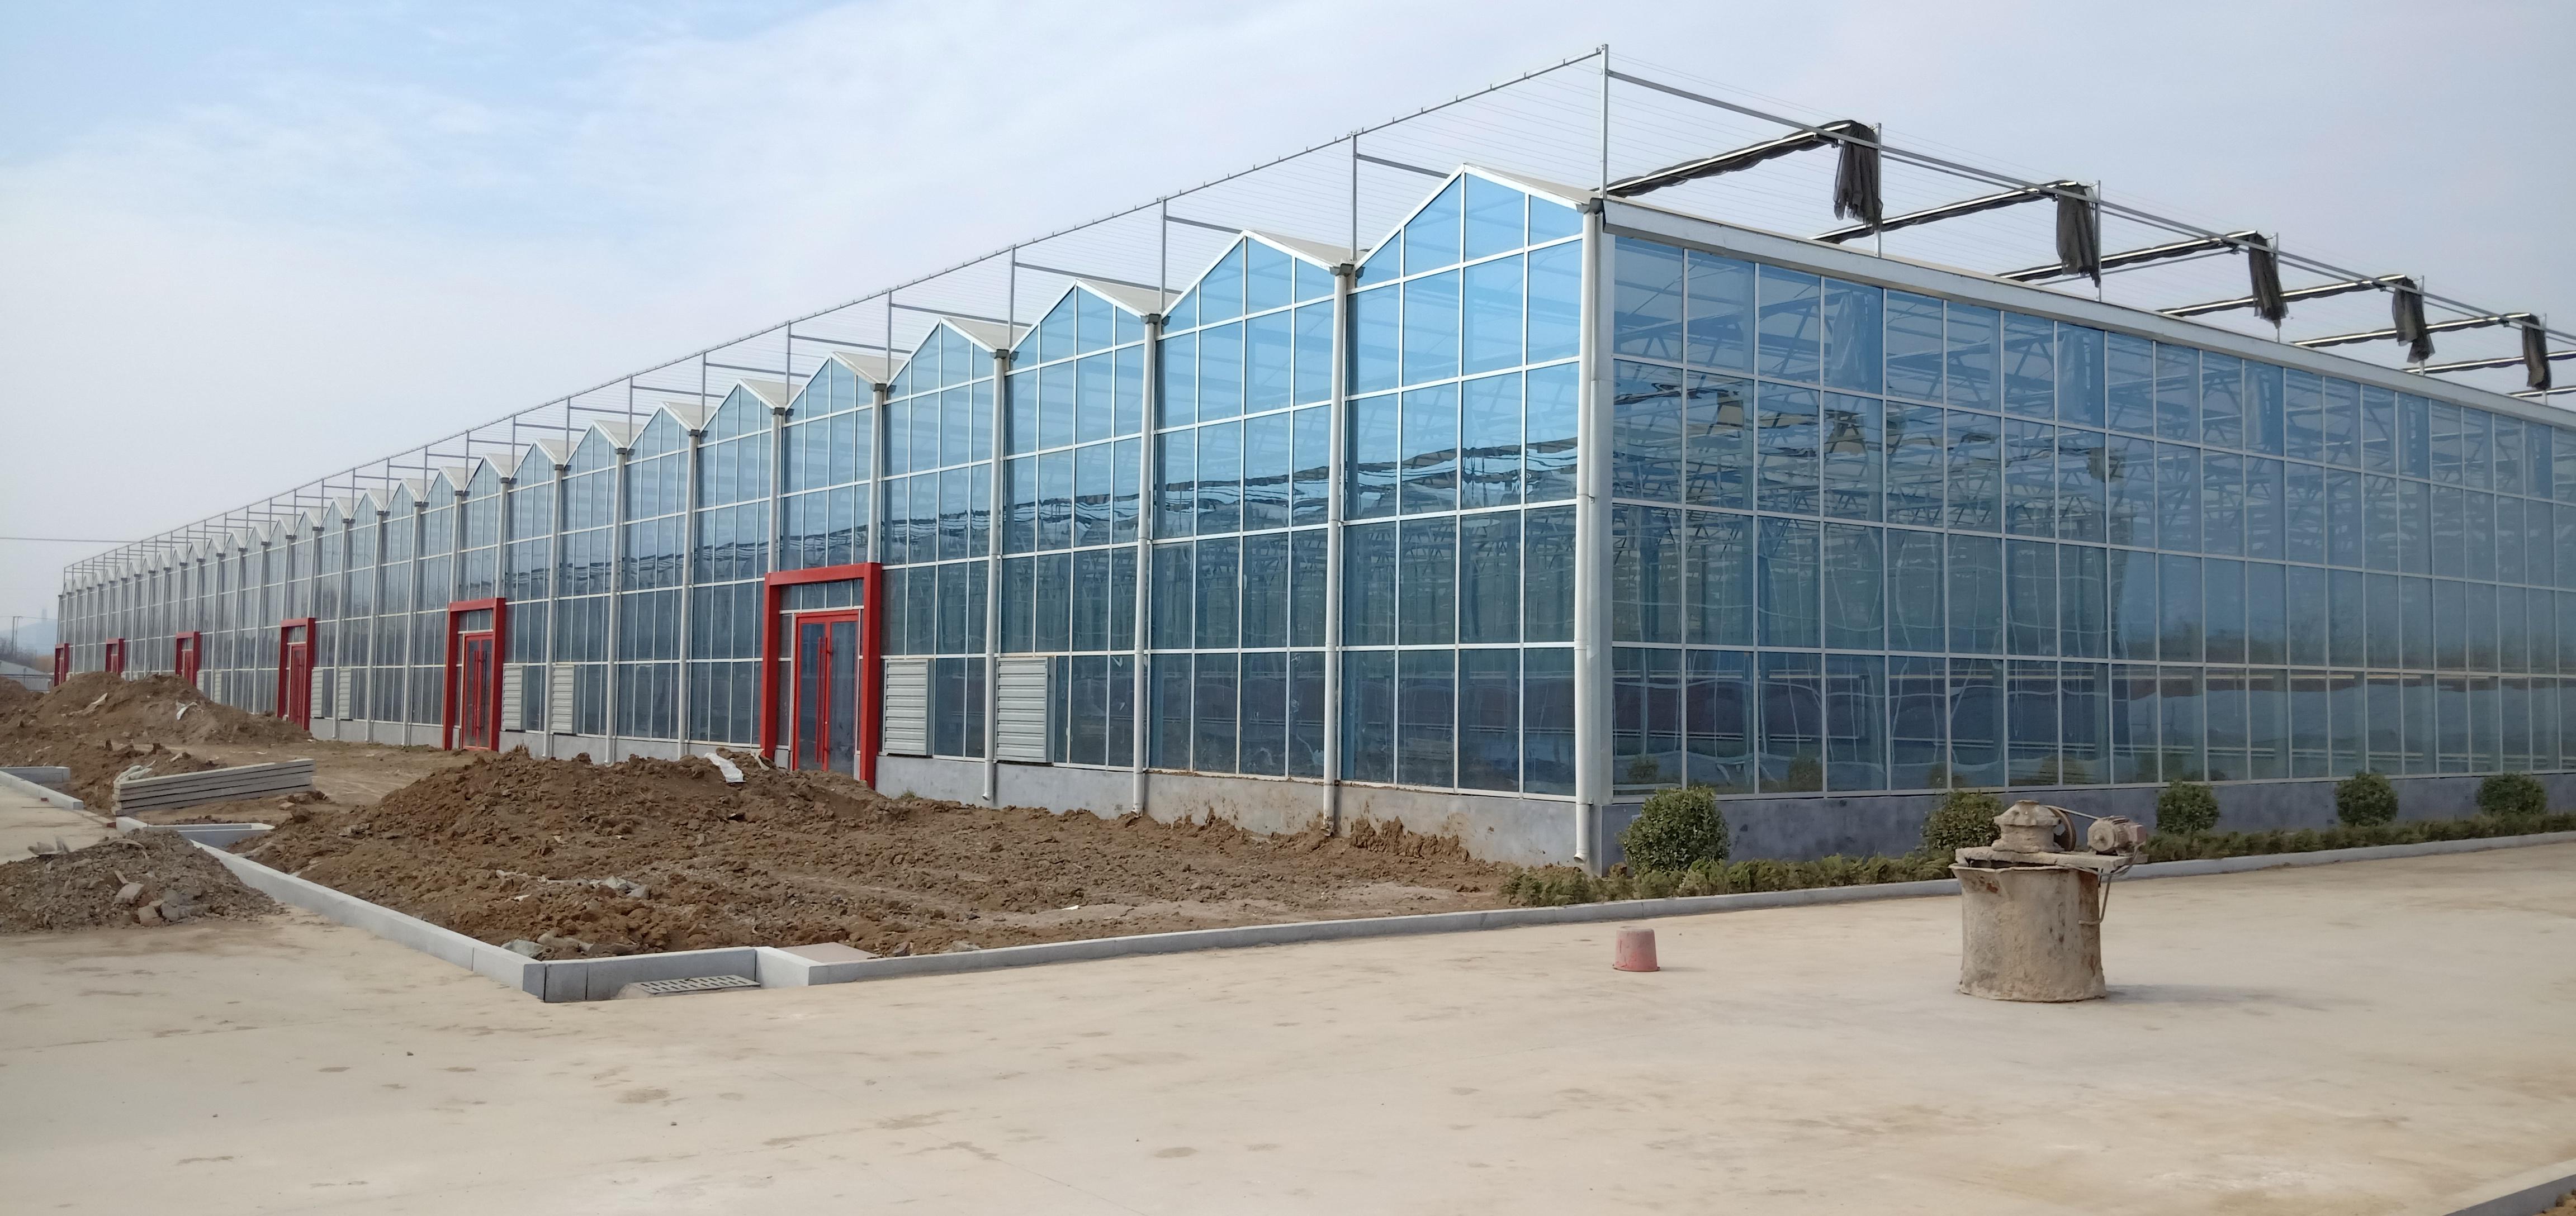 可以获得补贴的现代化连栋温室大棚可以做什么?一亩地造价多少